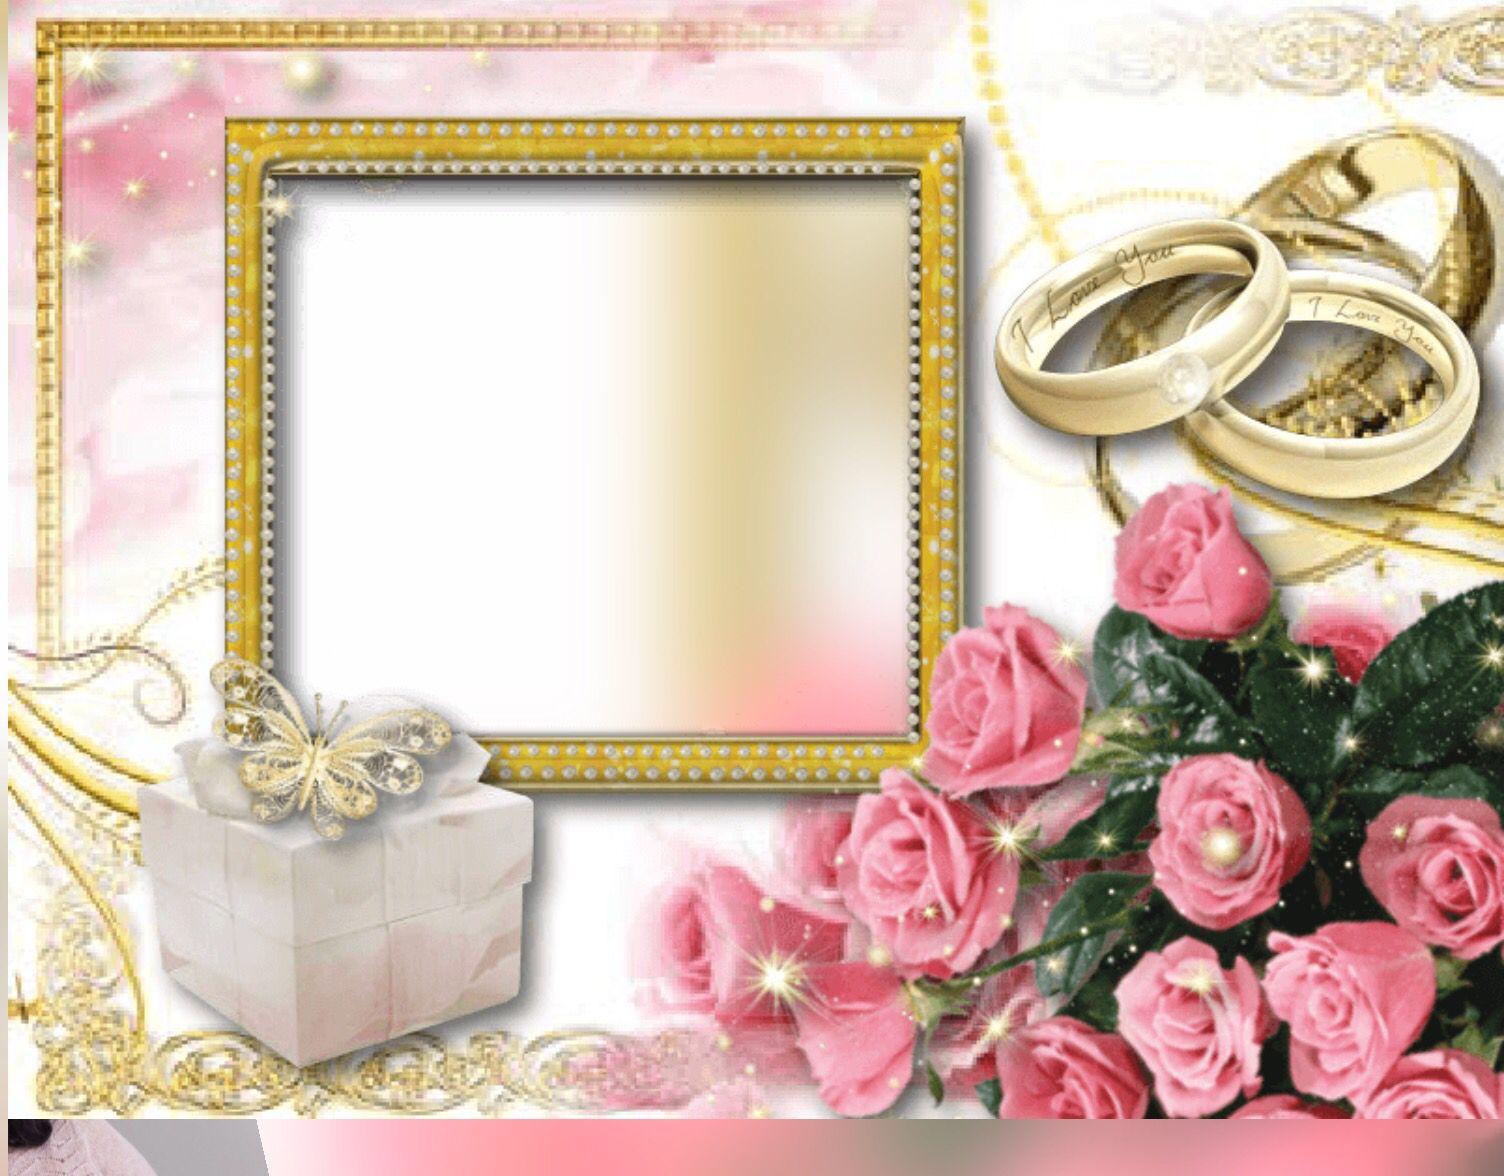 Весілля Decor, Frame, Home decor